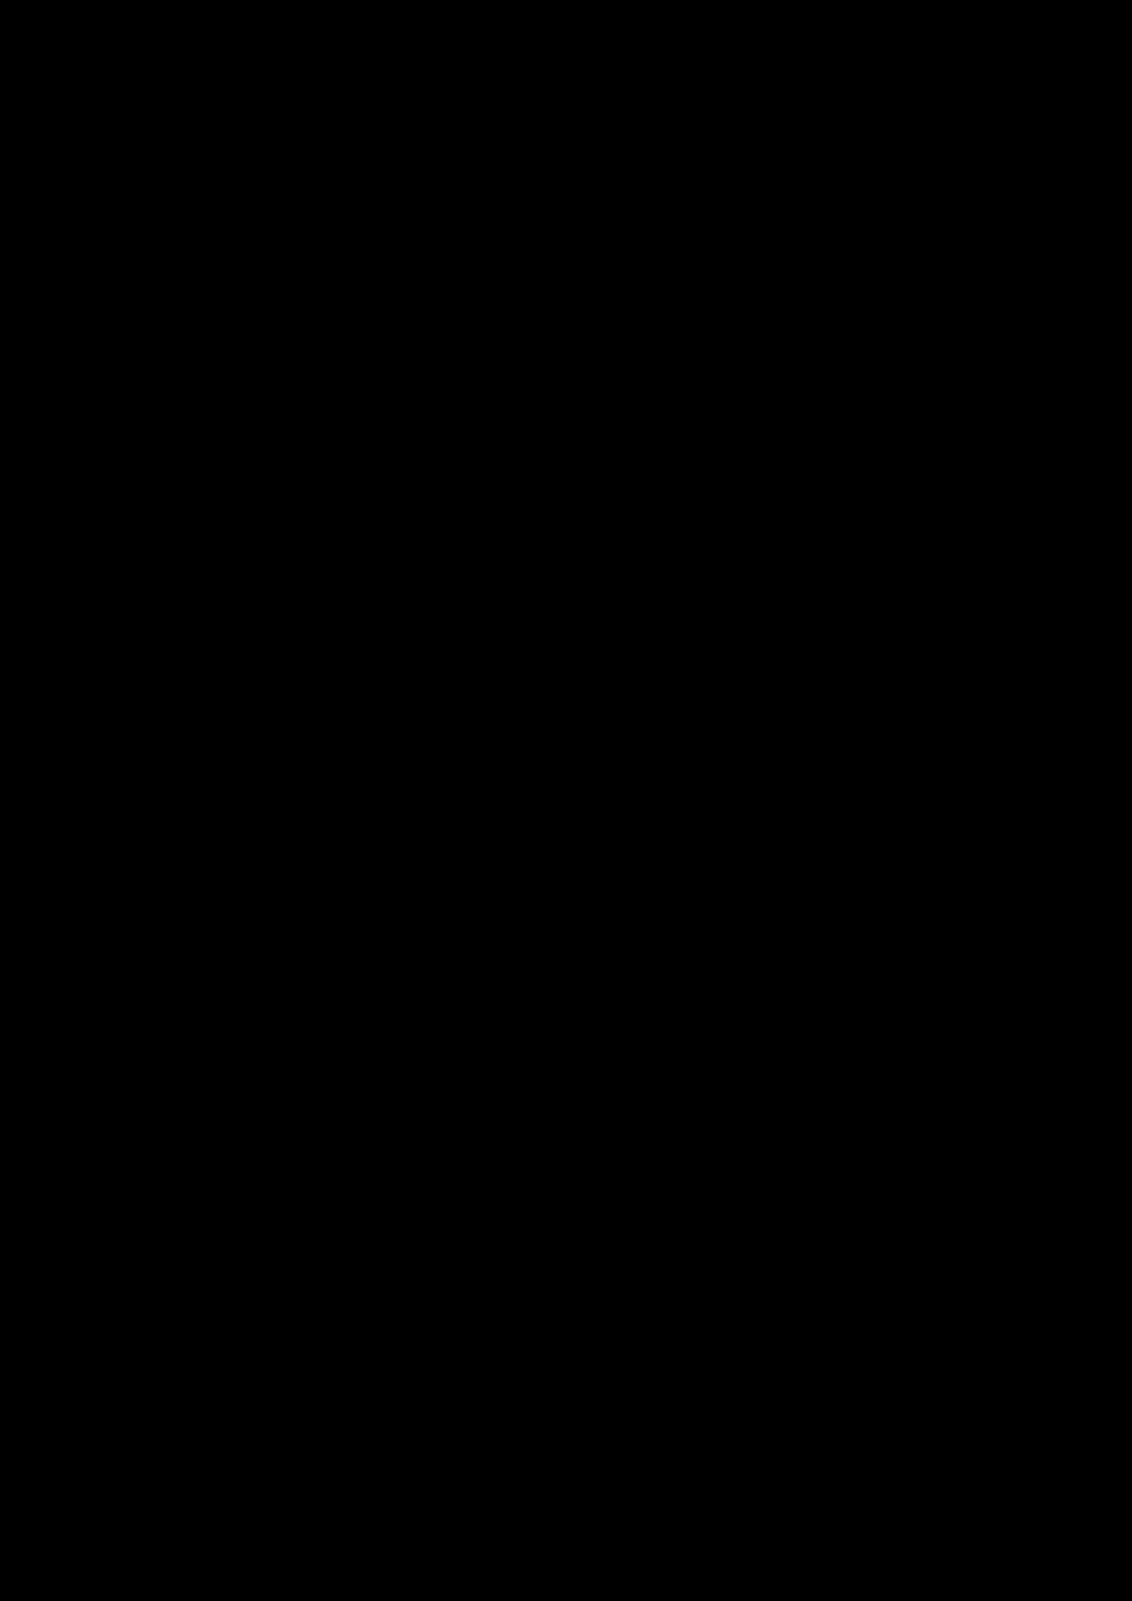 Zagadka volshebnoy stranyi slide, Image 43